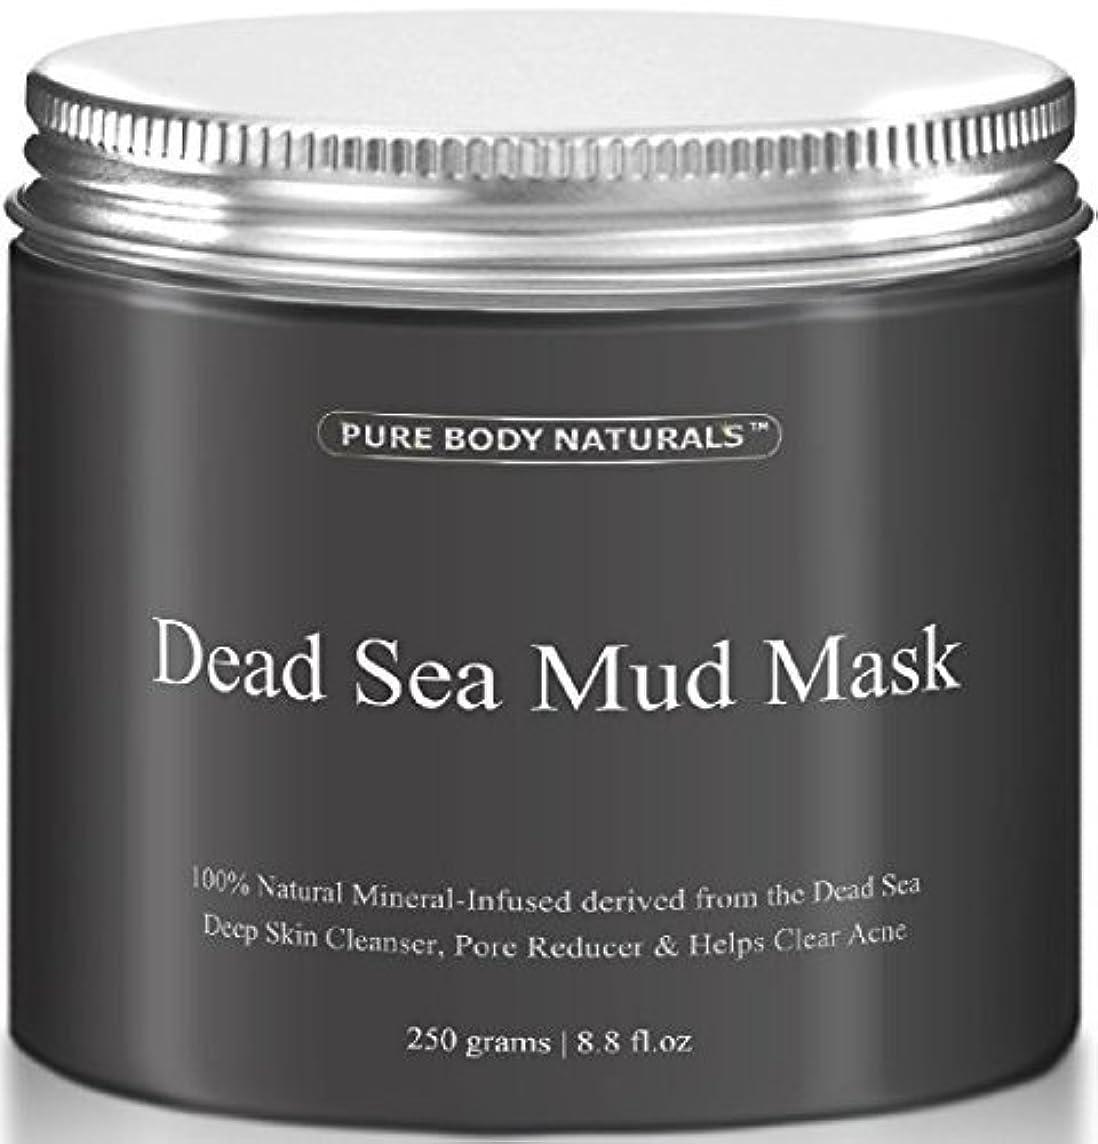 繰り返すまろやかなアドバンテージDead Sea Mud Mask 死海の泥マスク 250g [並行輸入品]